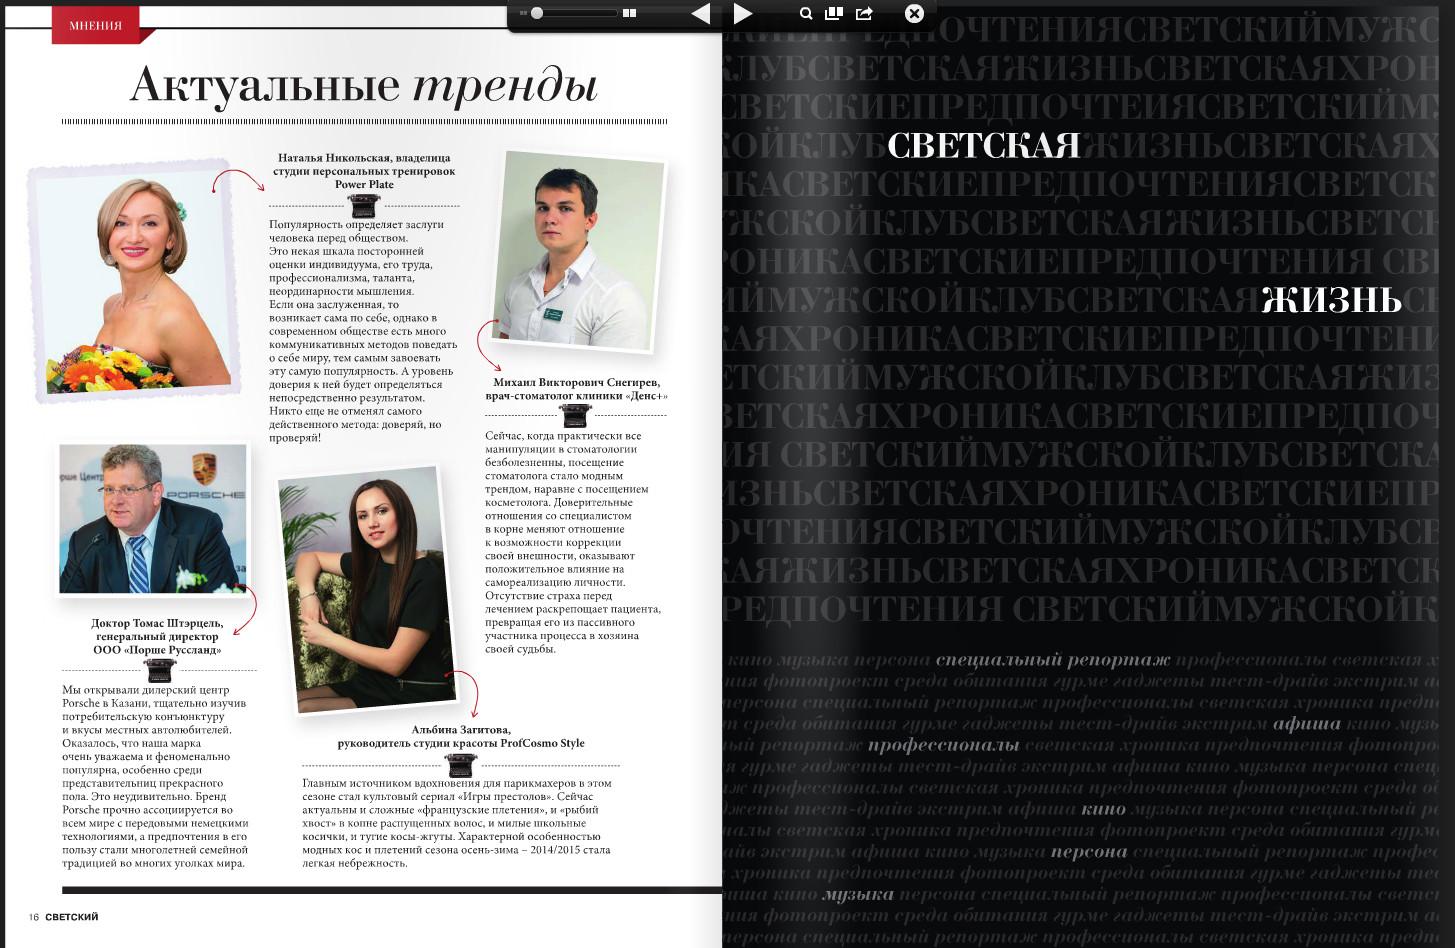 Говорит Казань: 4 года красоты и здоровья в Татарстане!